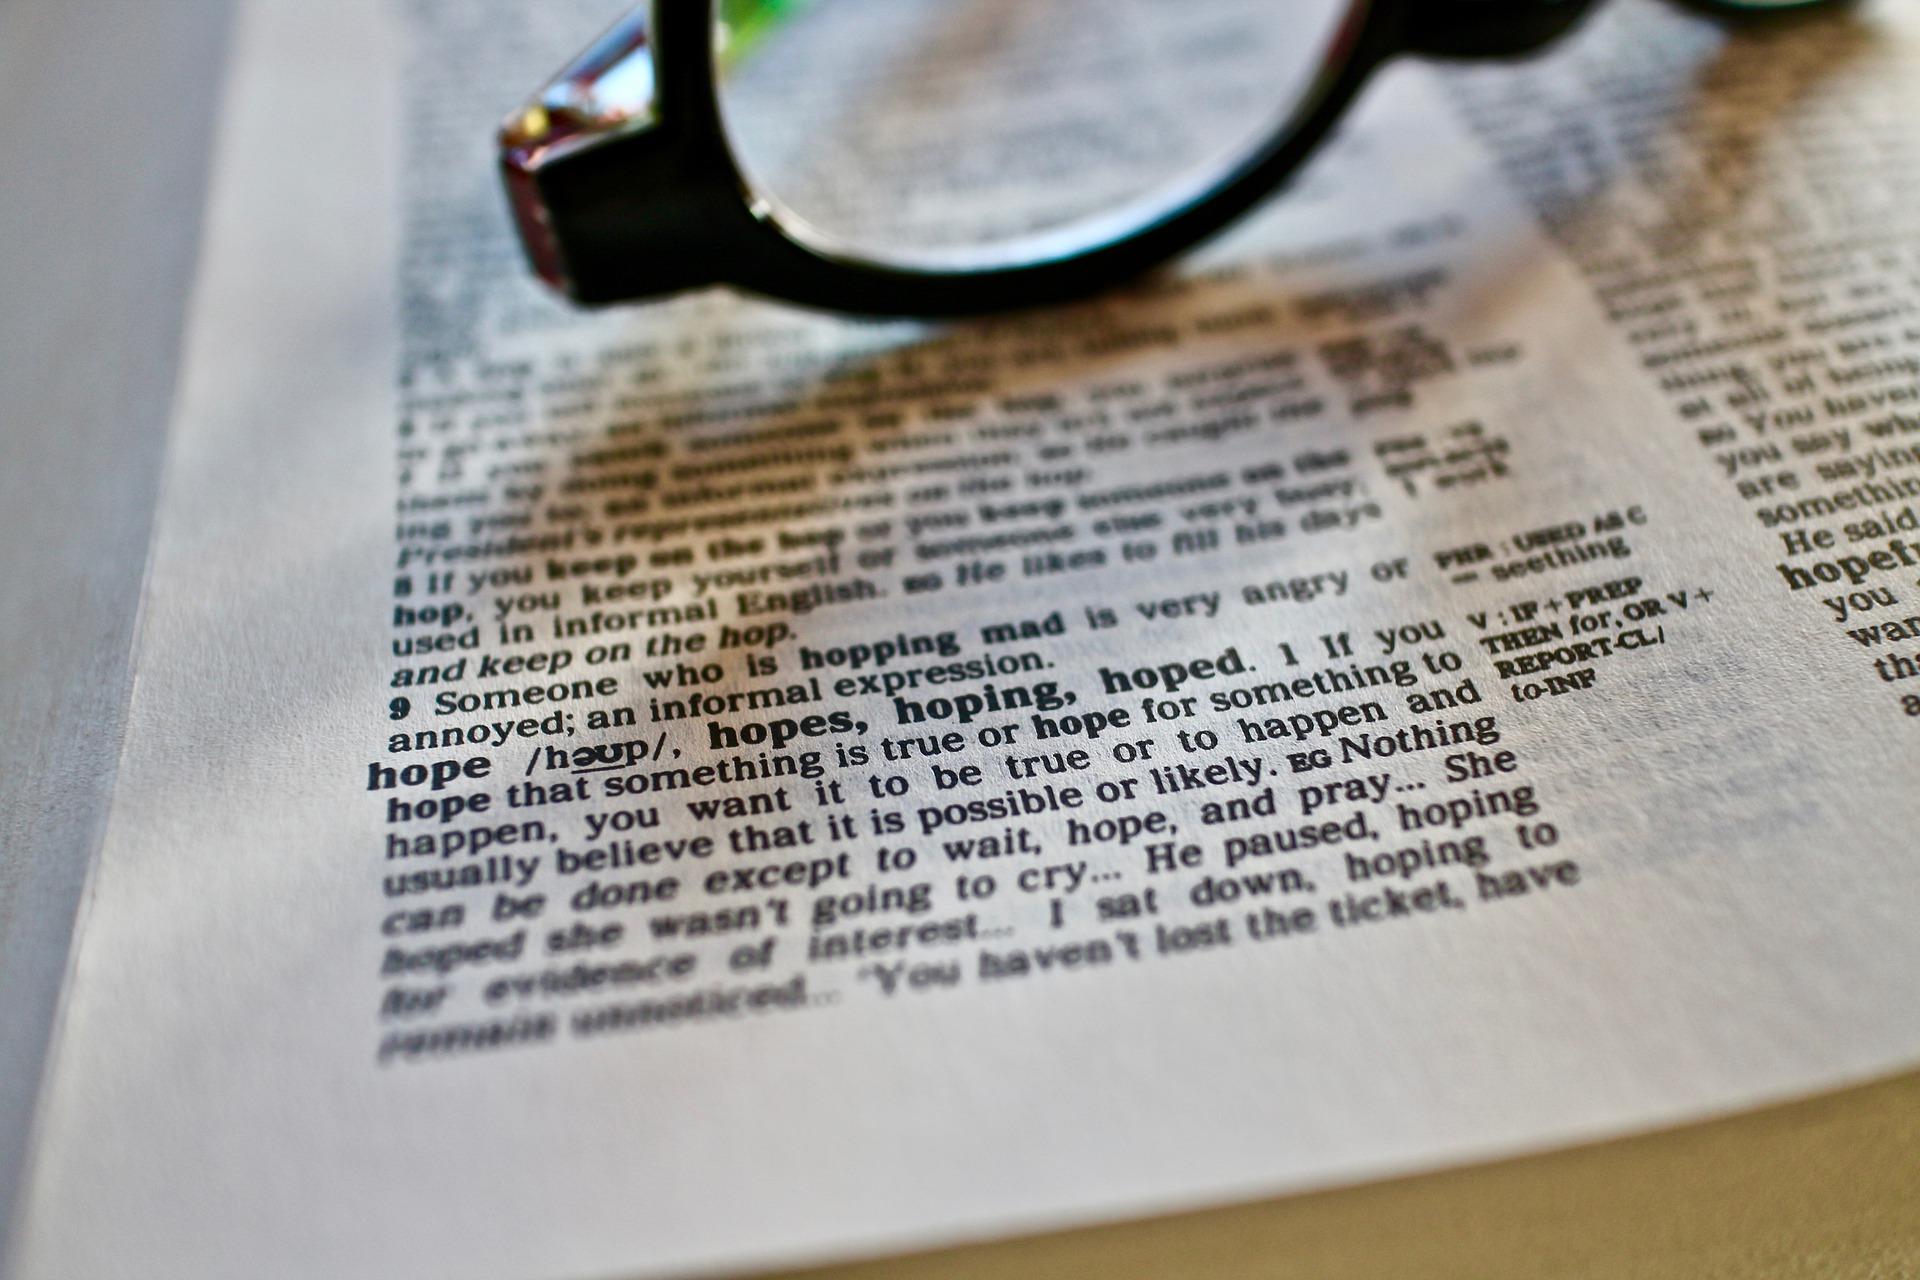 nella foto a colori si vede una pagina di giornale inglese con sopra un paio di occhiali dalla montatura nera